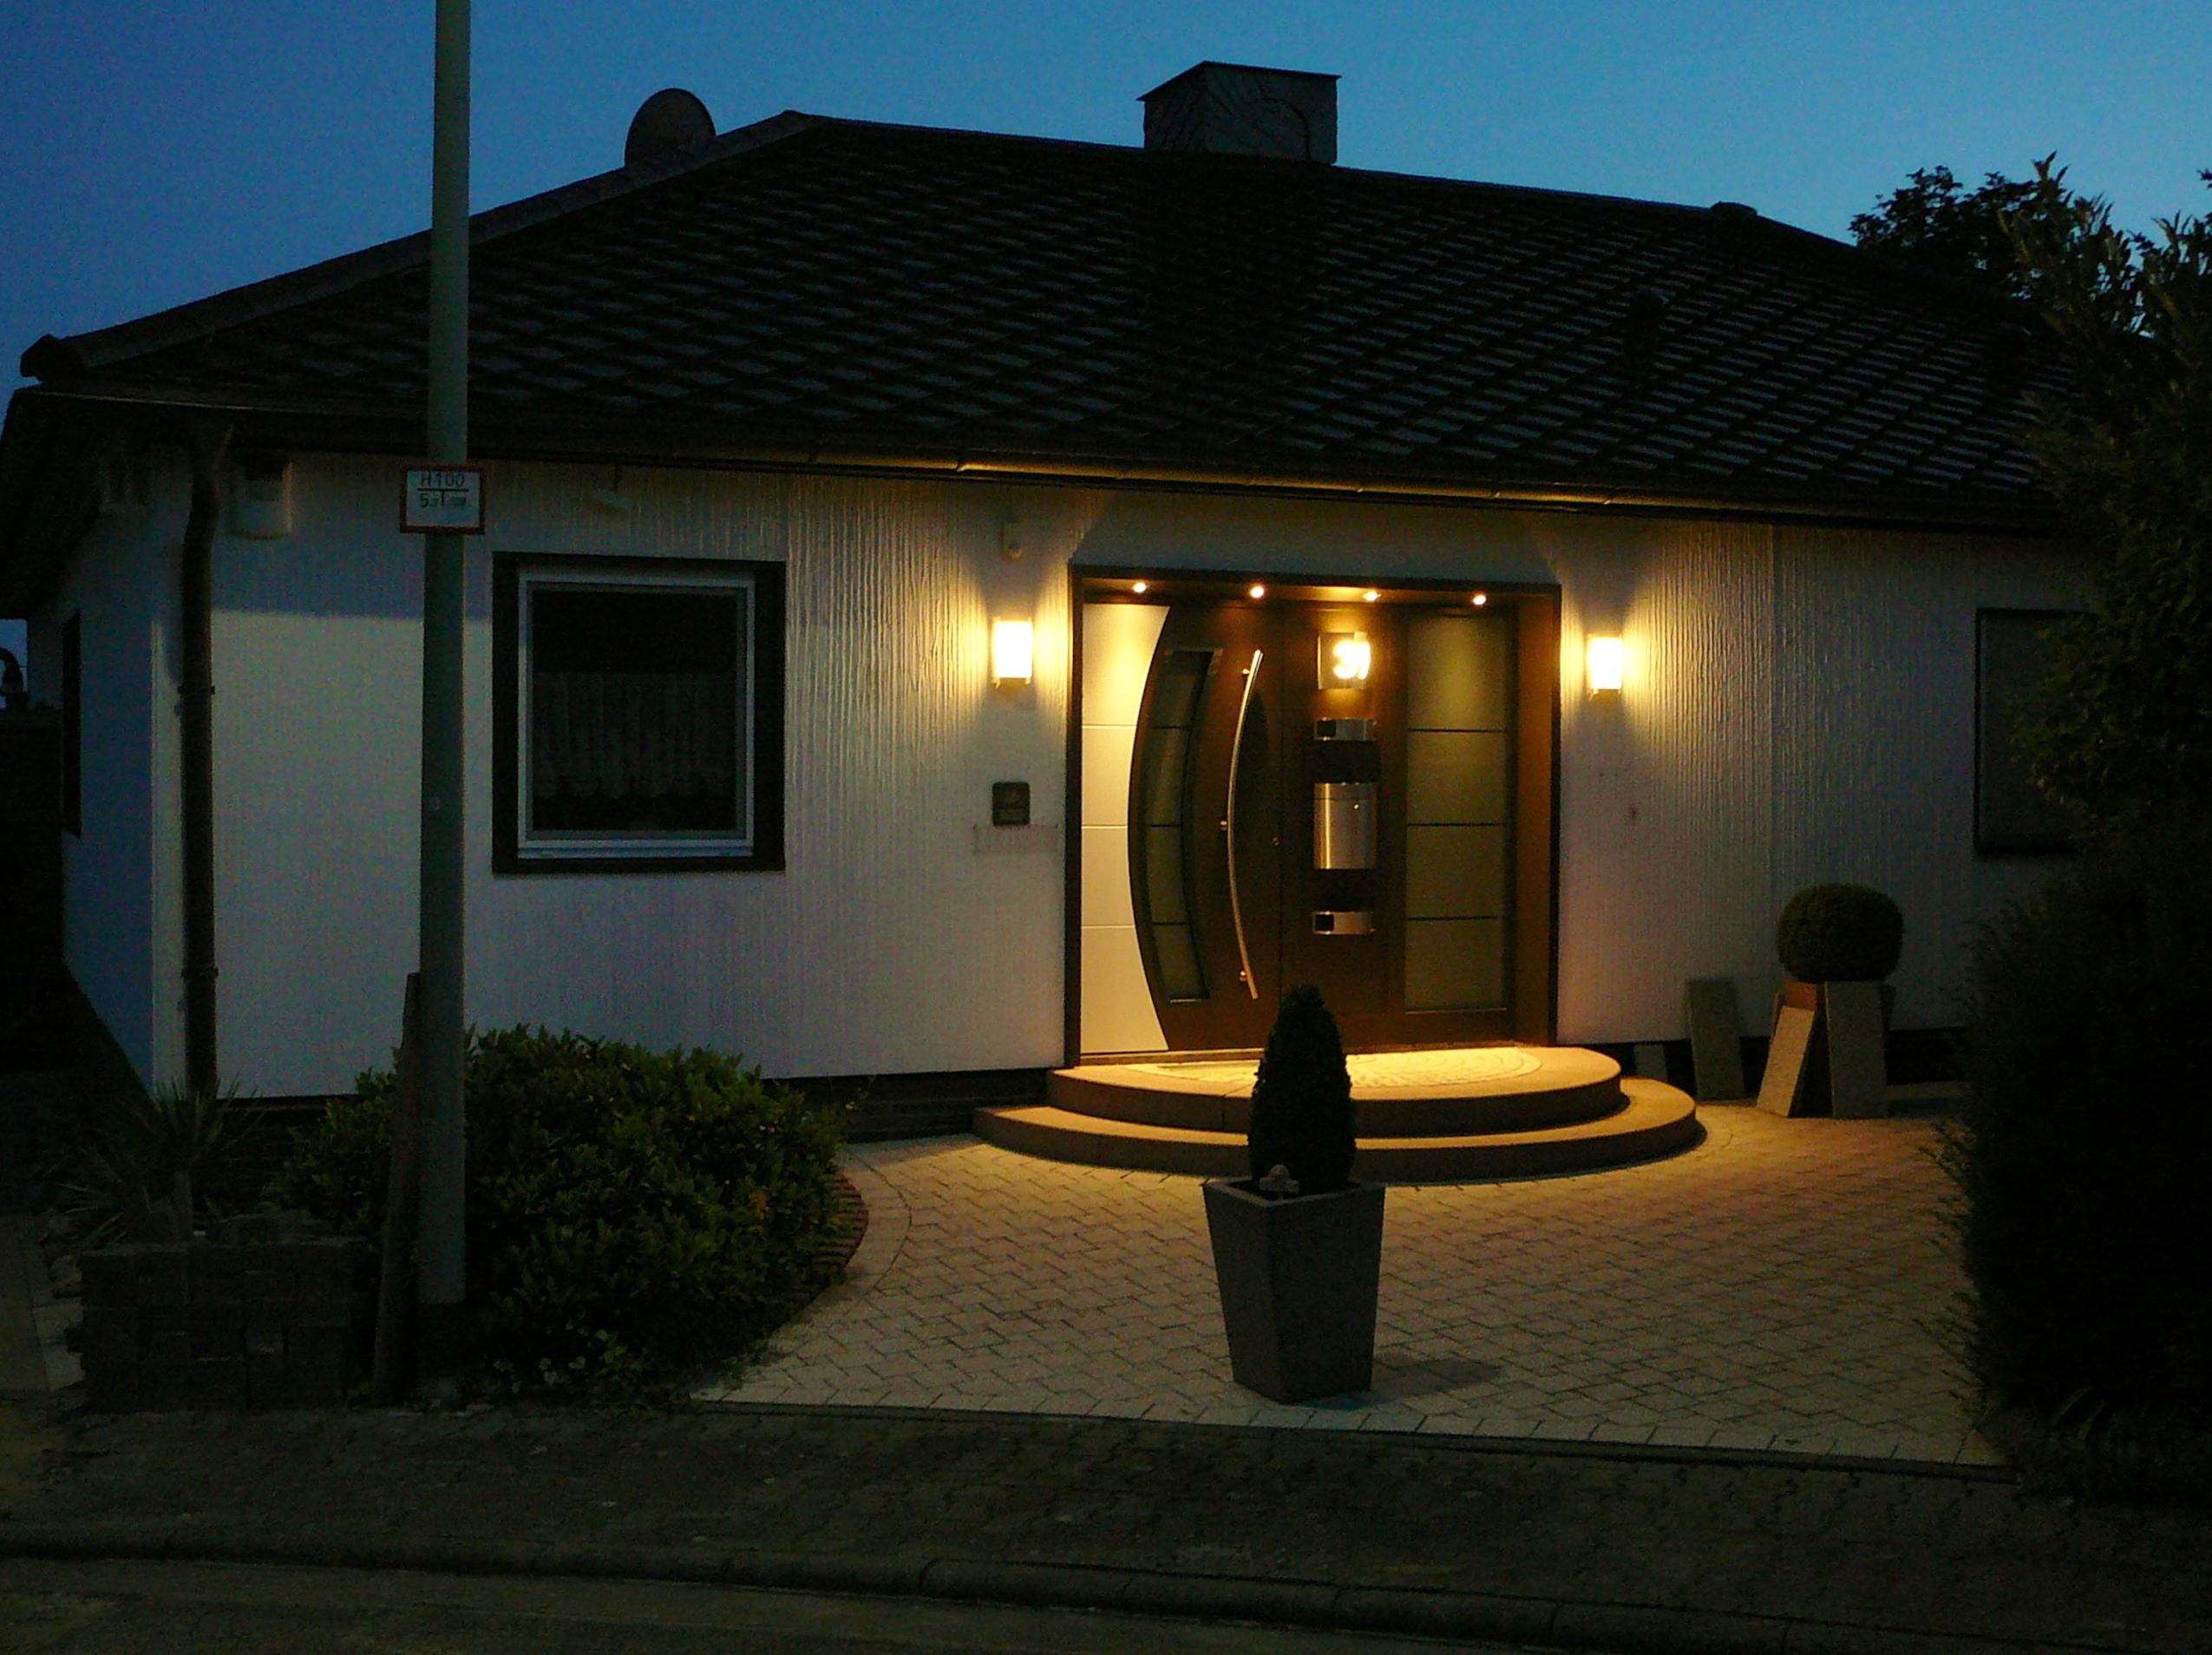 Hausportal am Abend